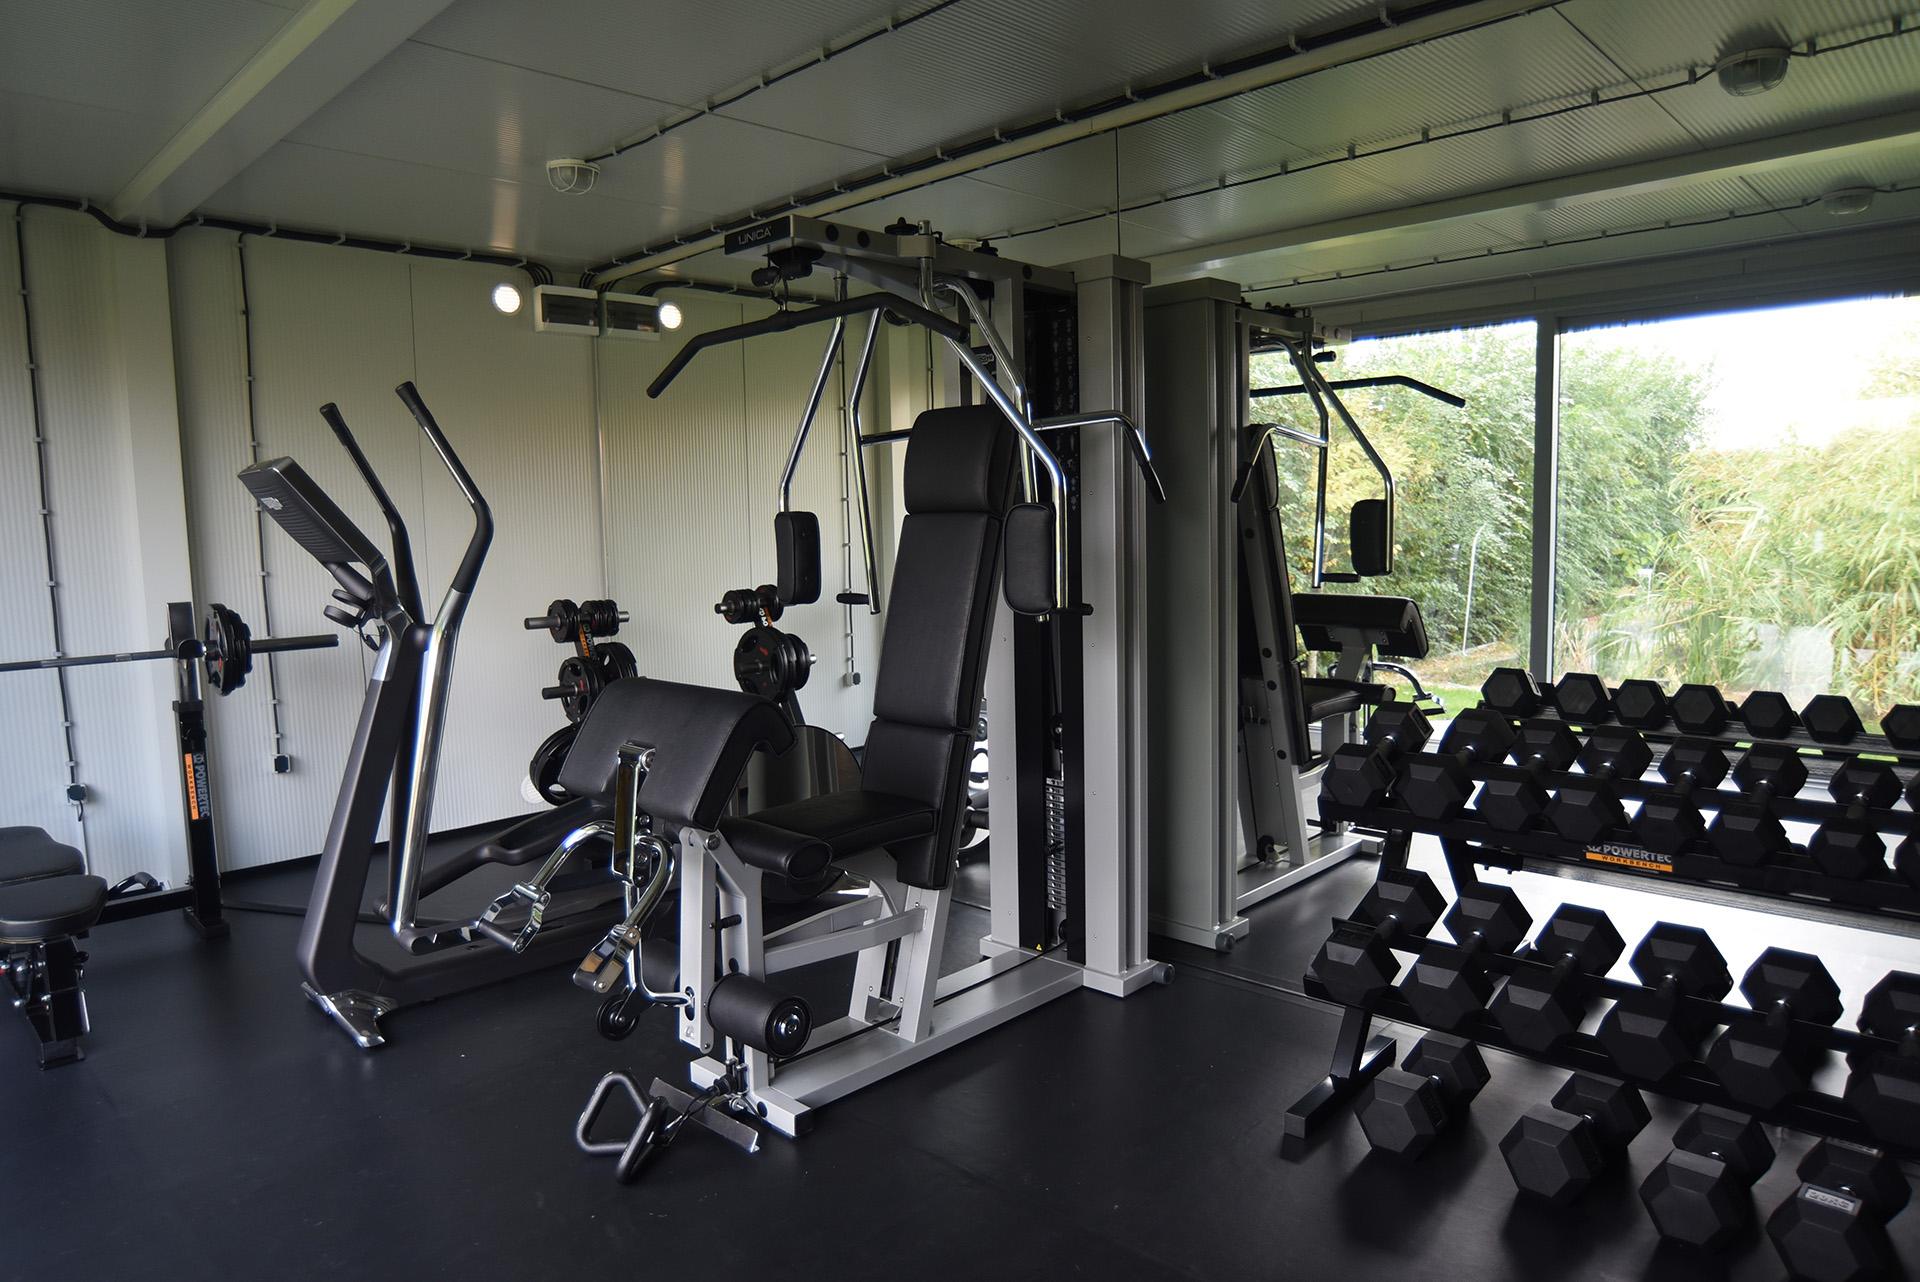 11 Yard Gym